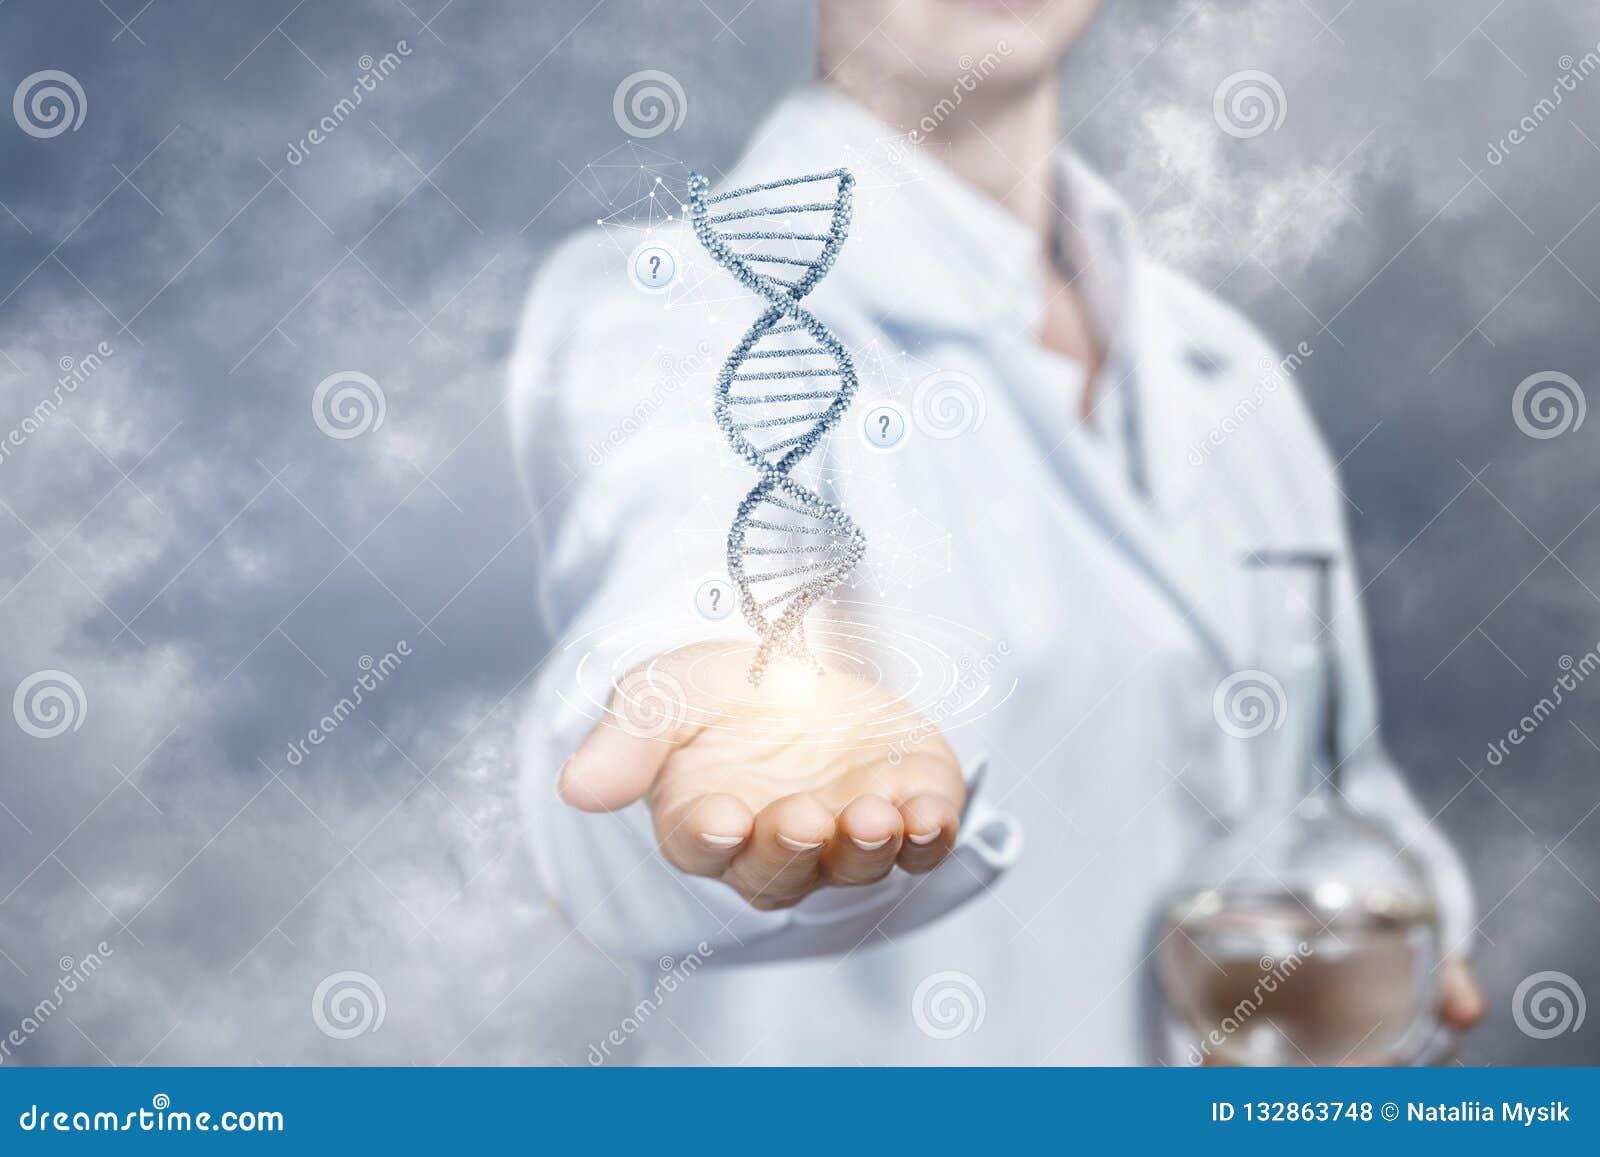 Le concept est les innovations en ADN recherche